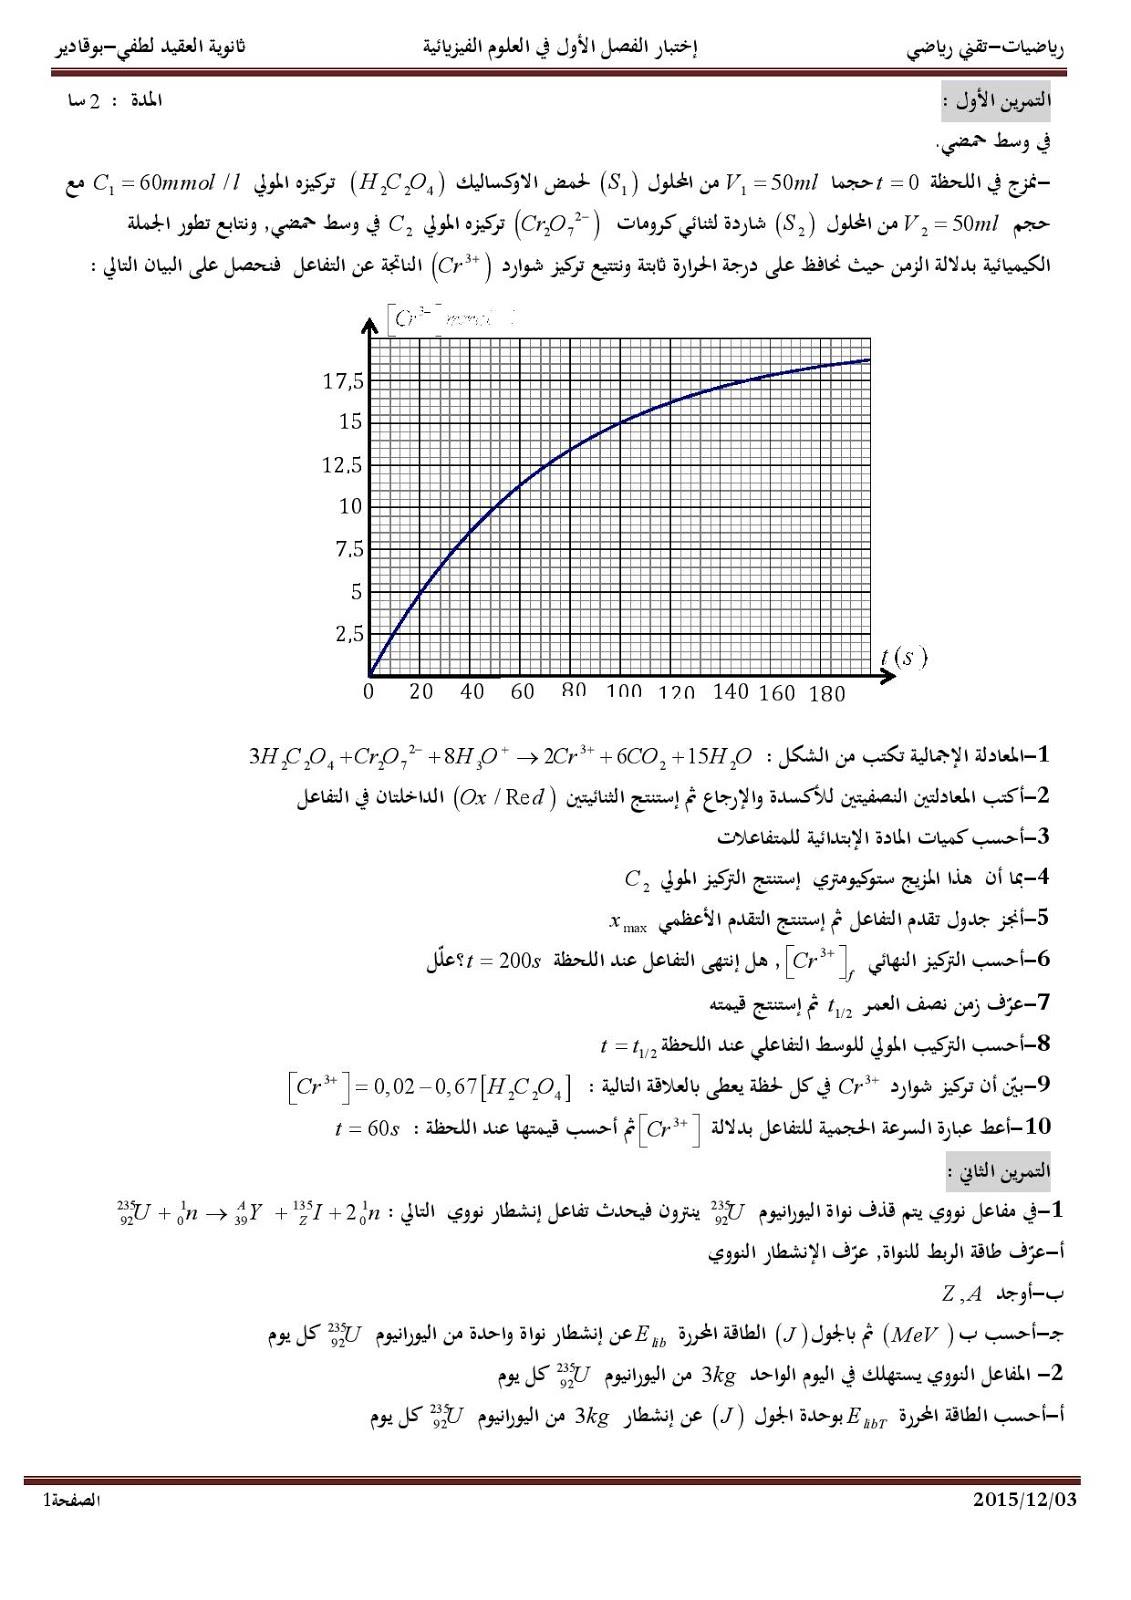 امتحان الفصل الأول في الفيزياء مع التصحيح للسنة الثالثة ثانوي شعبة رياضي وتقني رياضي